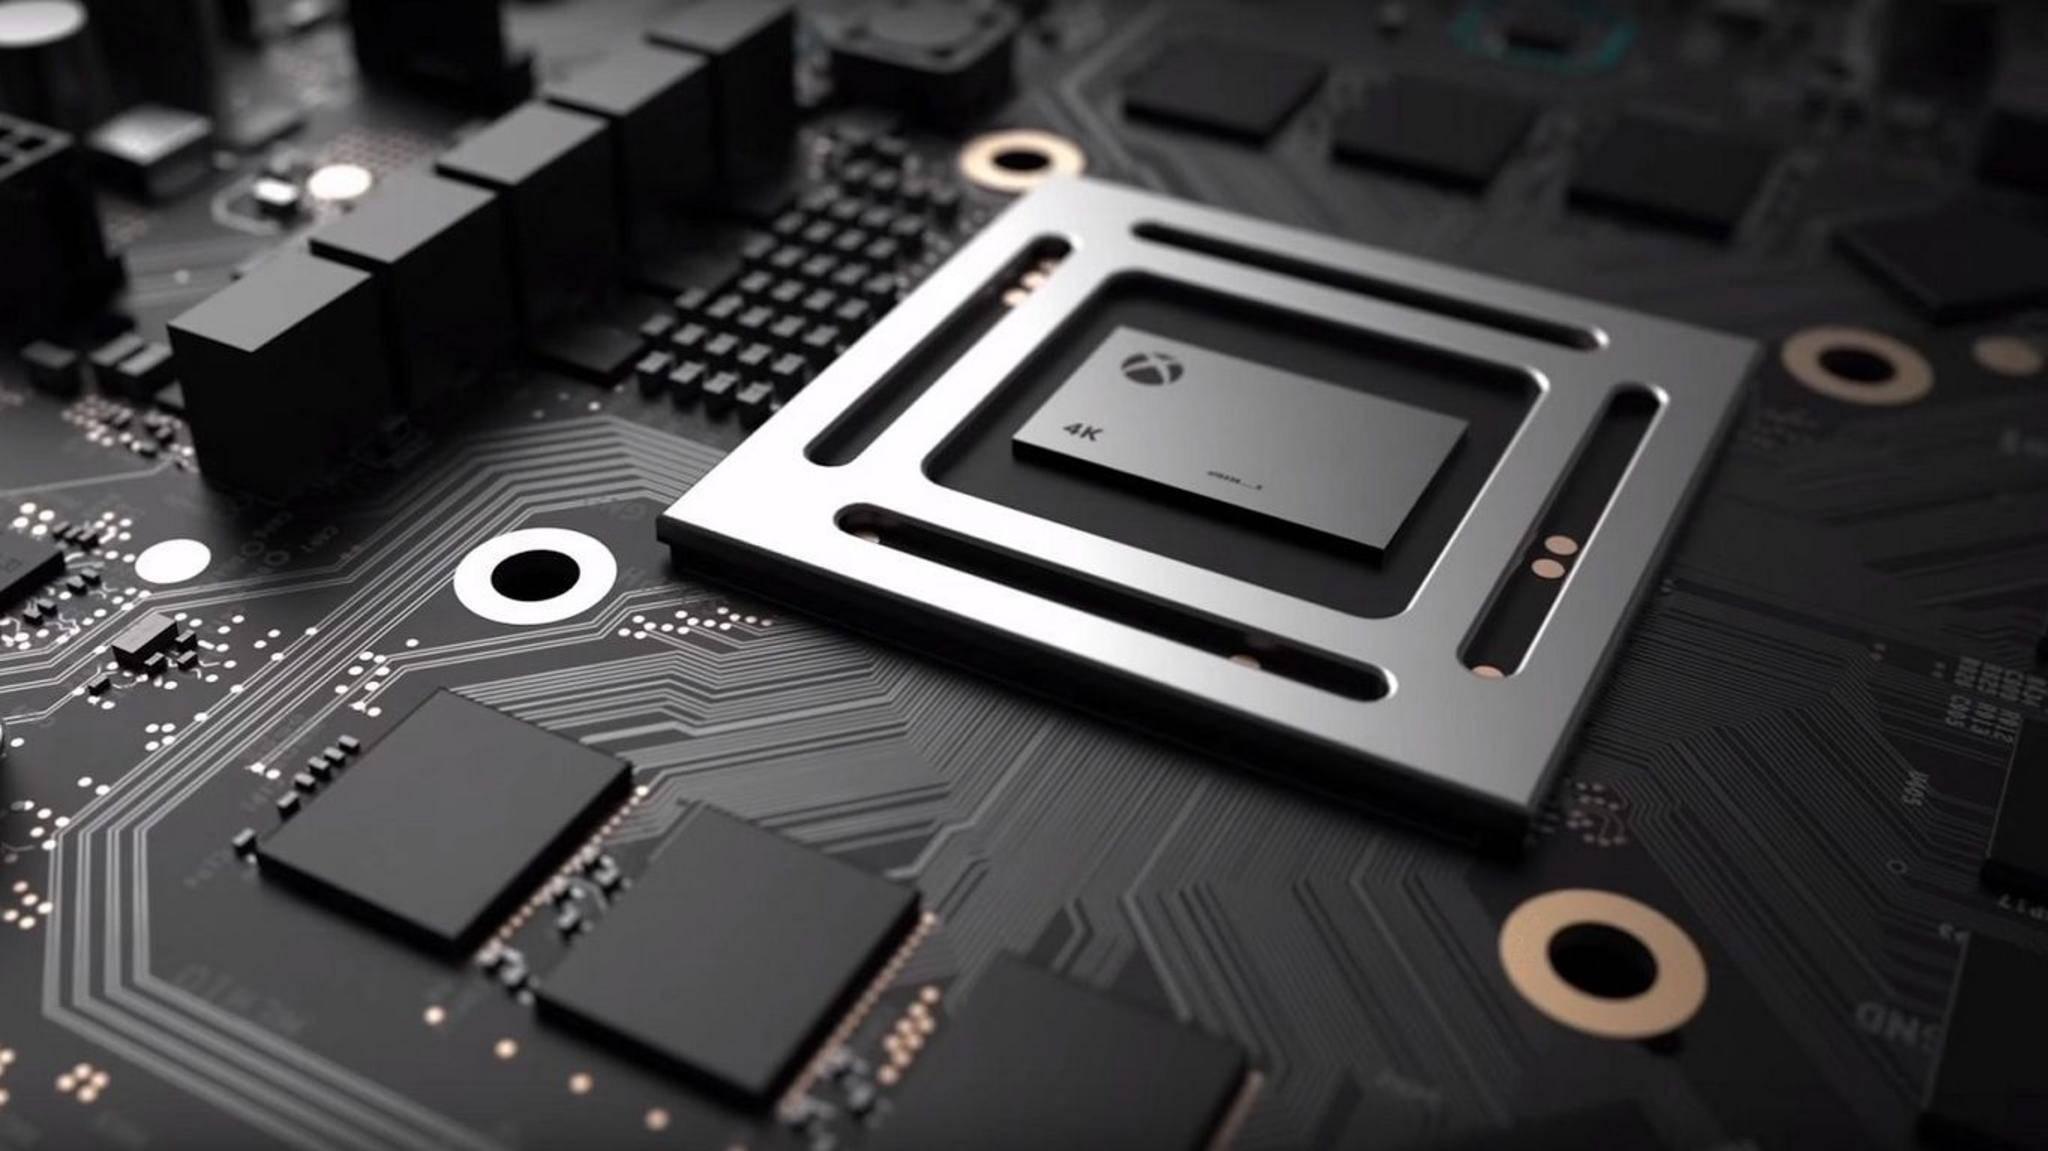 Mit 6 Teraflops soll die Xbox Scorpio jede Menge Grafikpower bieten. Passt sie trotzdem in ein Mini-Gehäuse.